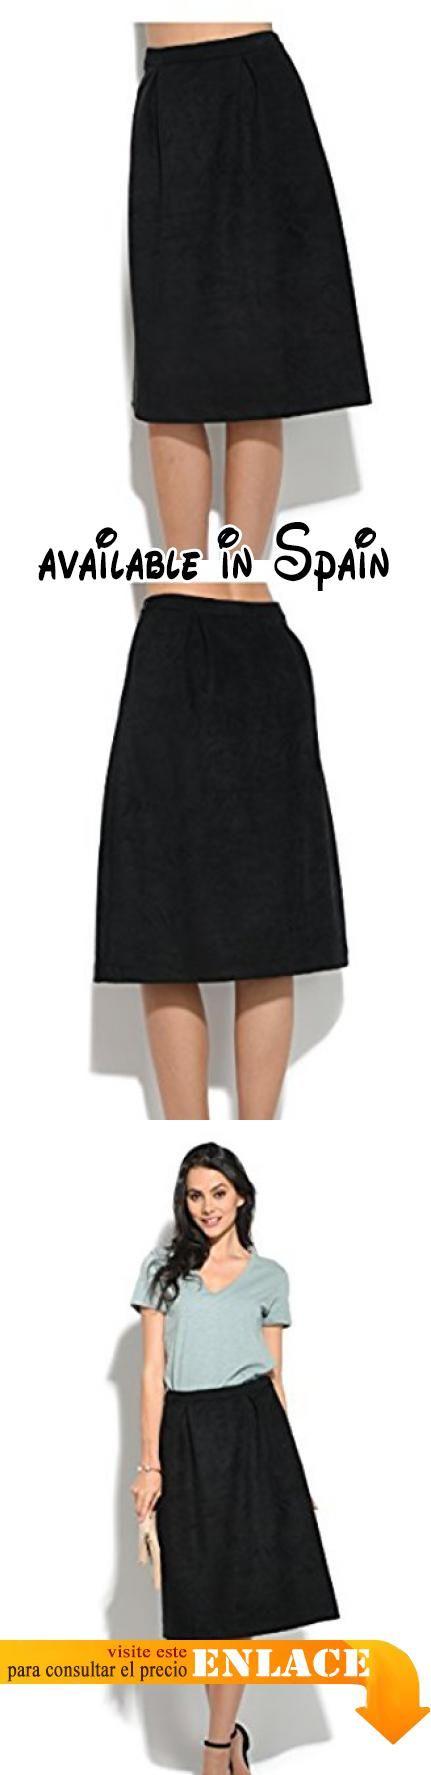 B075SKHLJP : Orfeo - Falda RITA - Mujer - S - Negro. Falda plisada en la cintura. Cierre con cremallera. 2 Bolsillos. Longitud 68cm